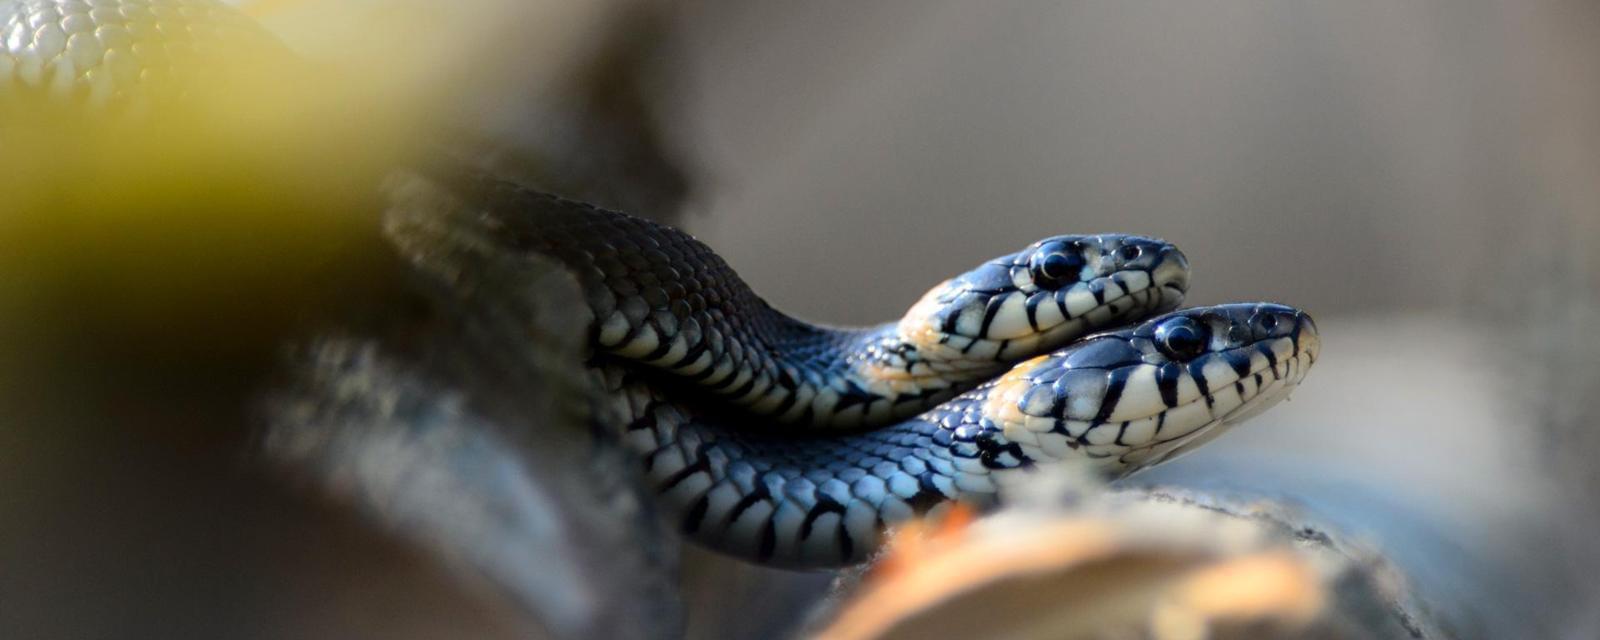 蛇的性爱观太惊讶:一群雄蛇为抢一条雌蛇挤成团